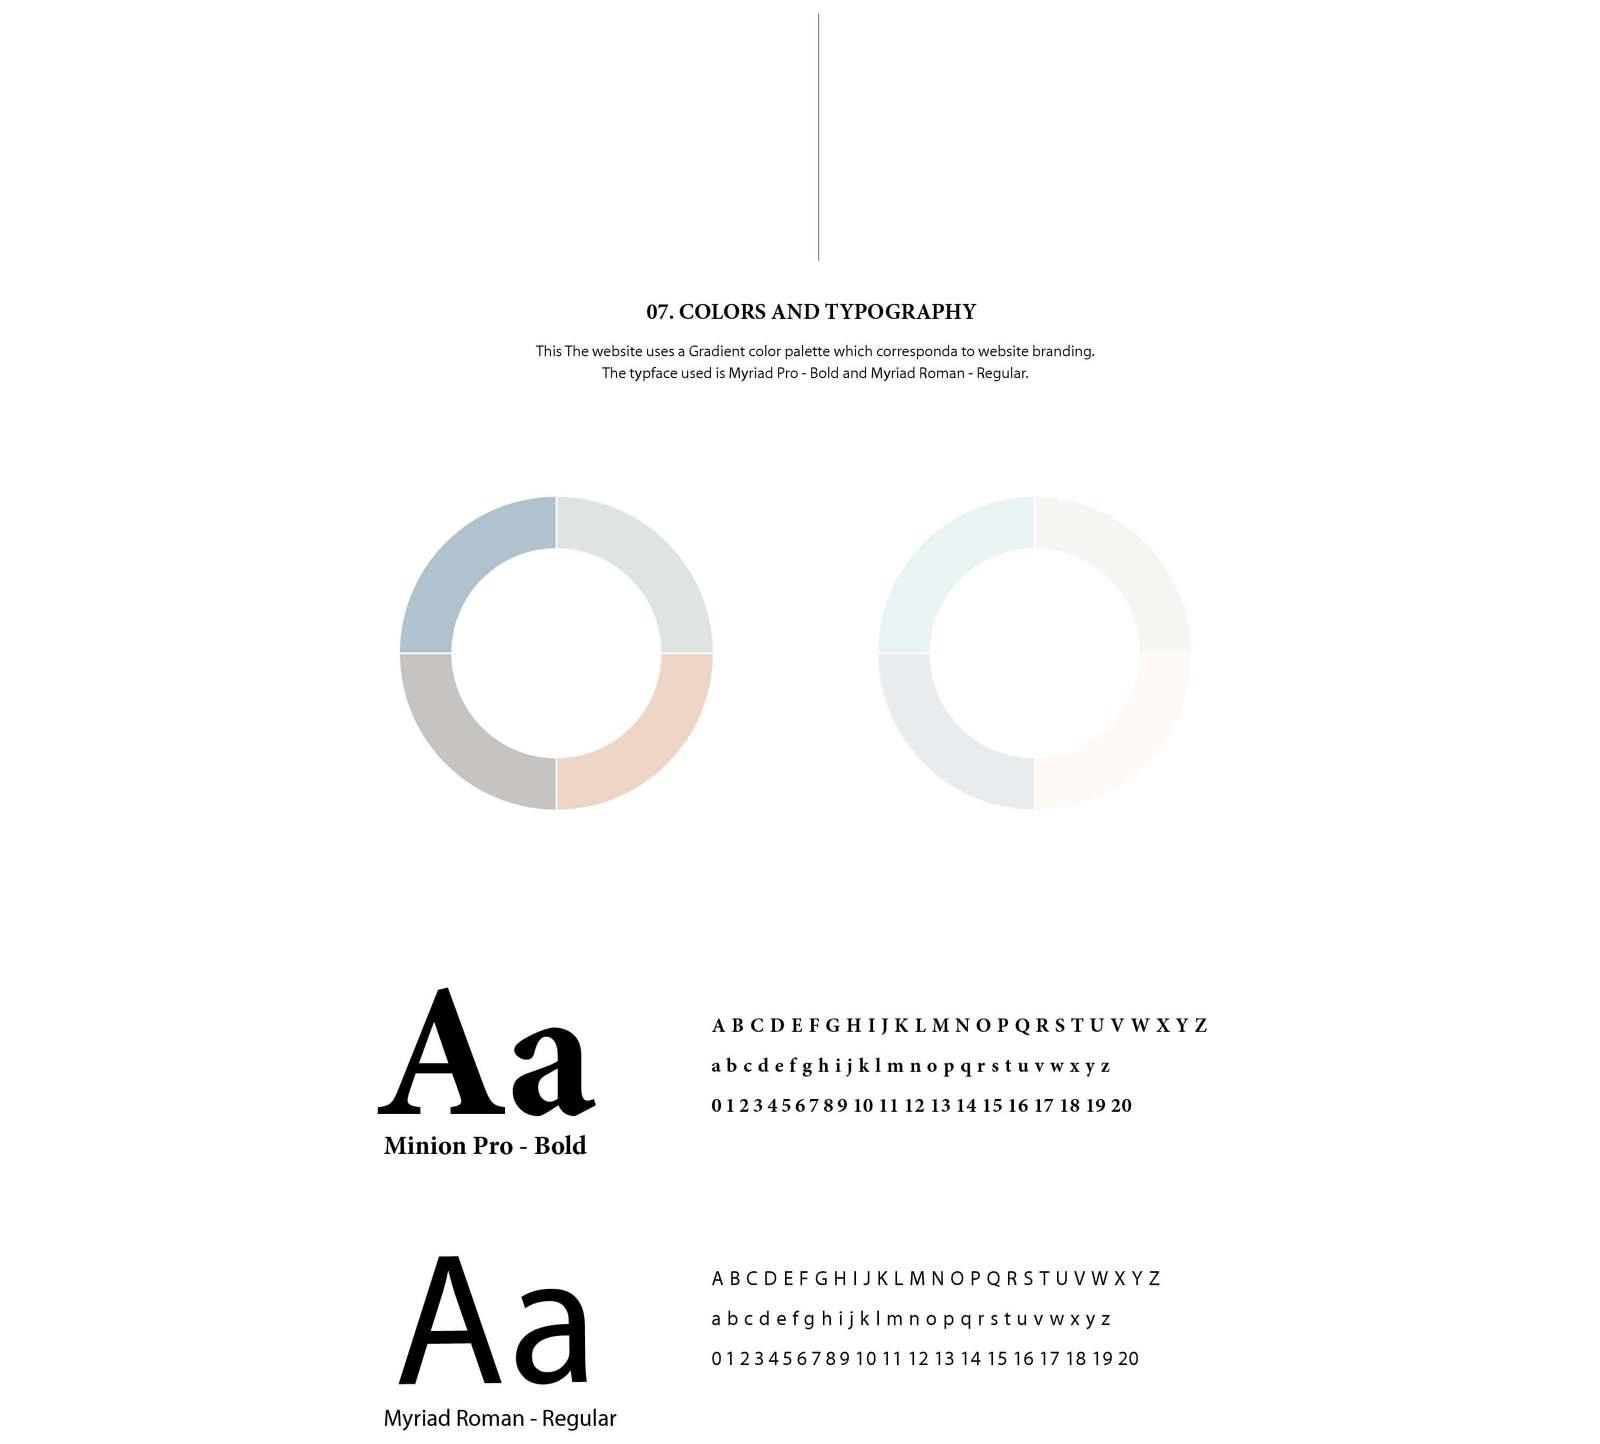 Acier Web & UI/UX Design - Veronica yu